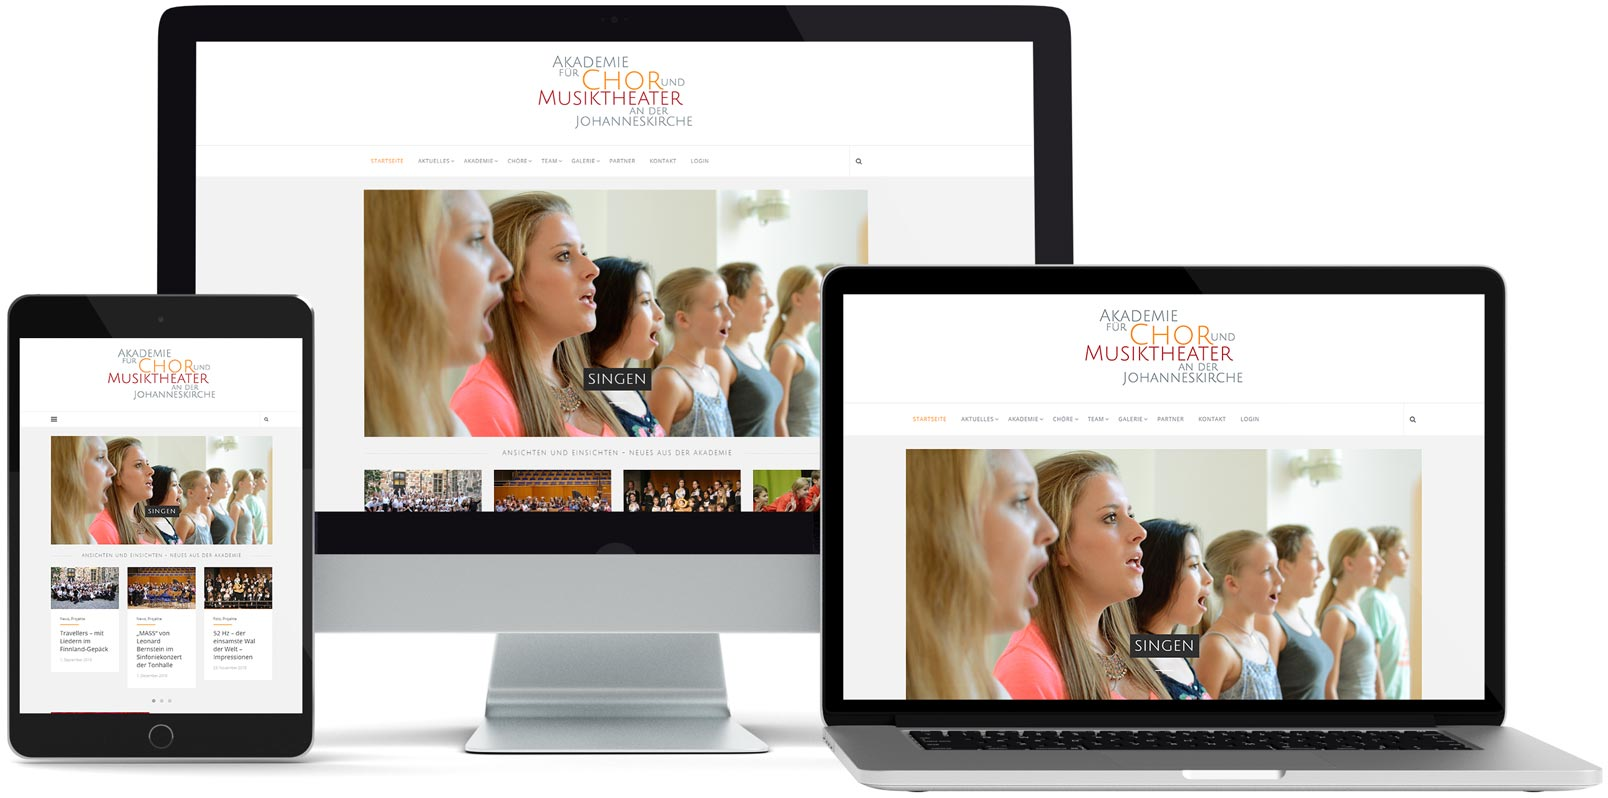 WordPress Webdesign: Akademie für Chor und Musiktheater